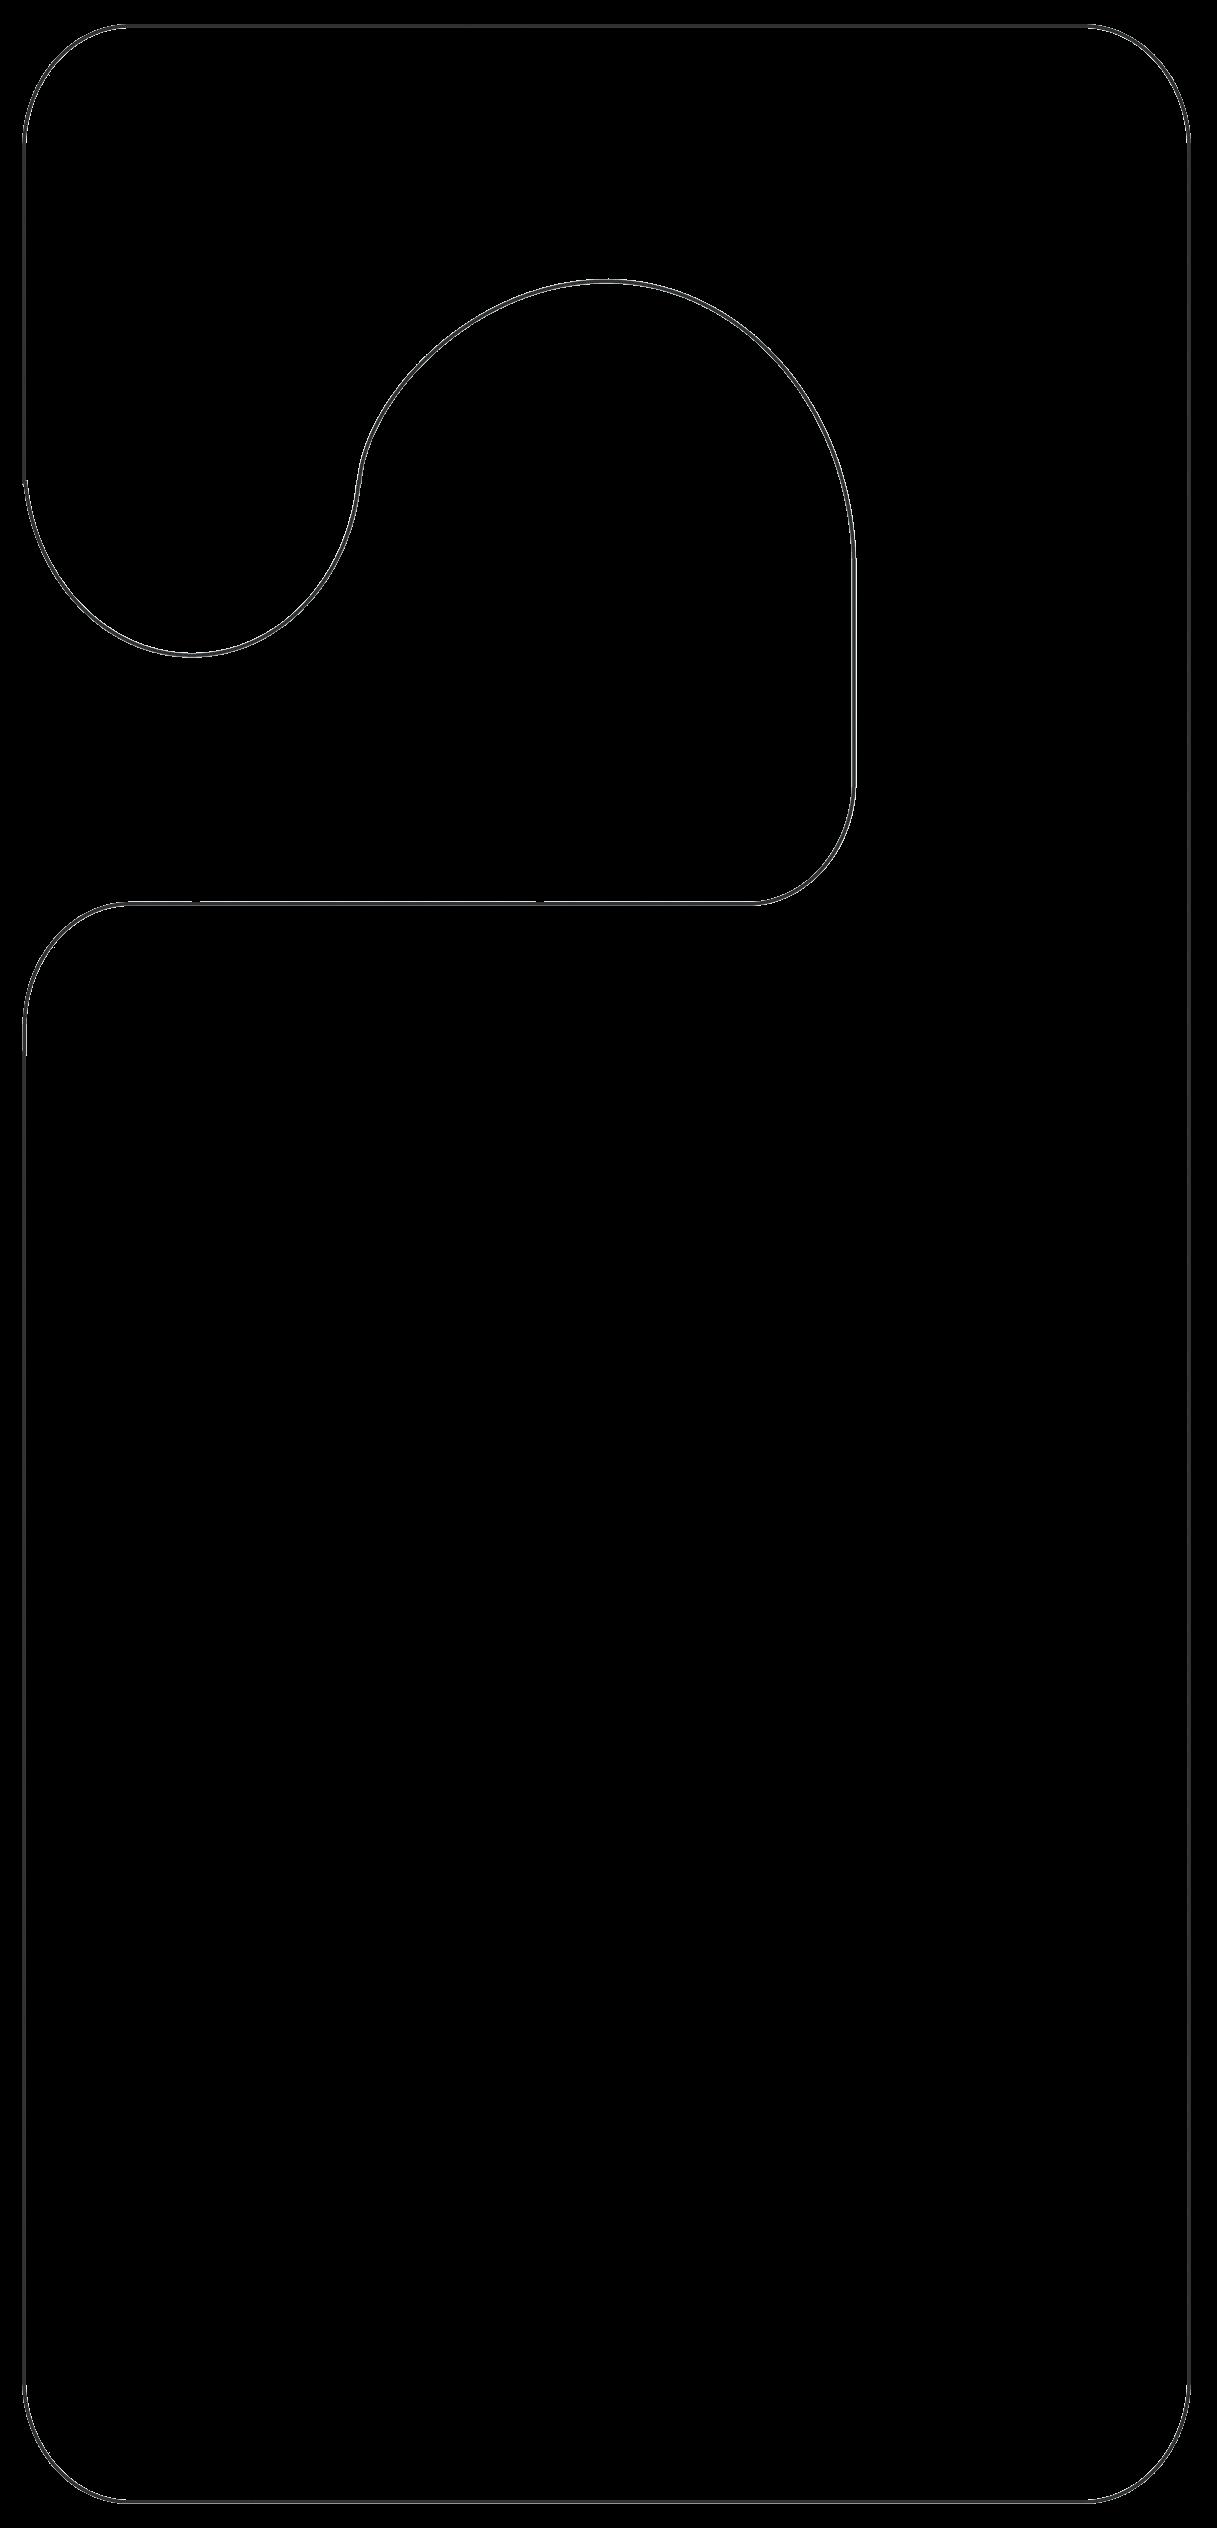 door knob hanger template photo - 8